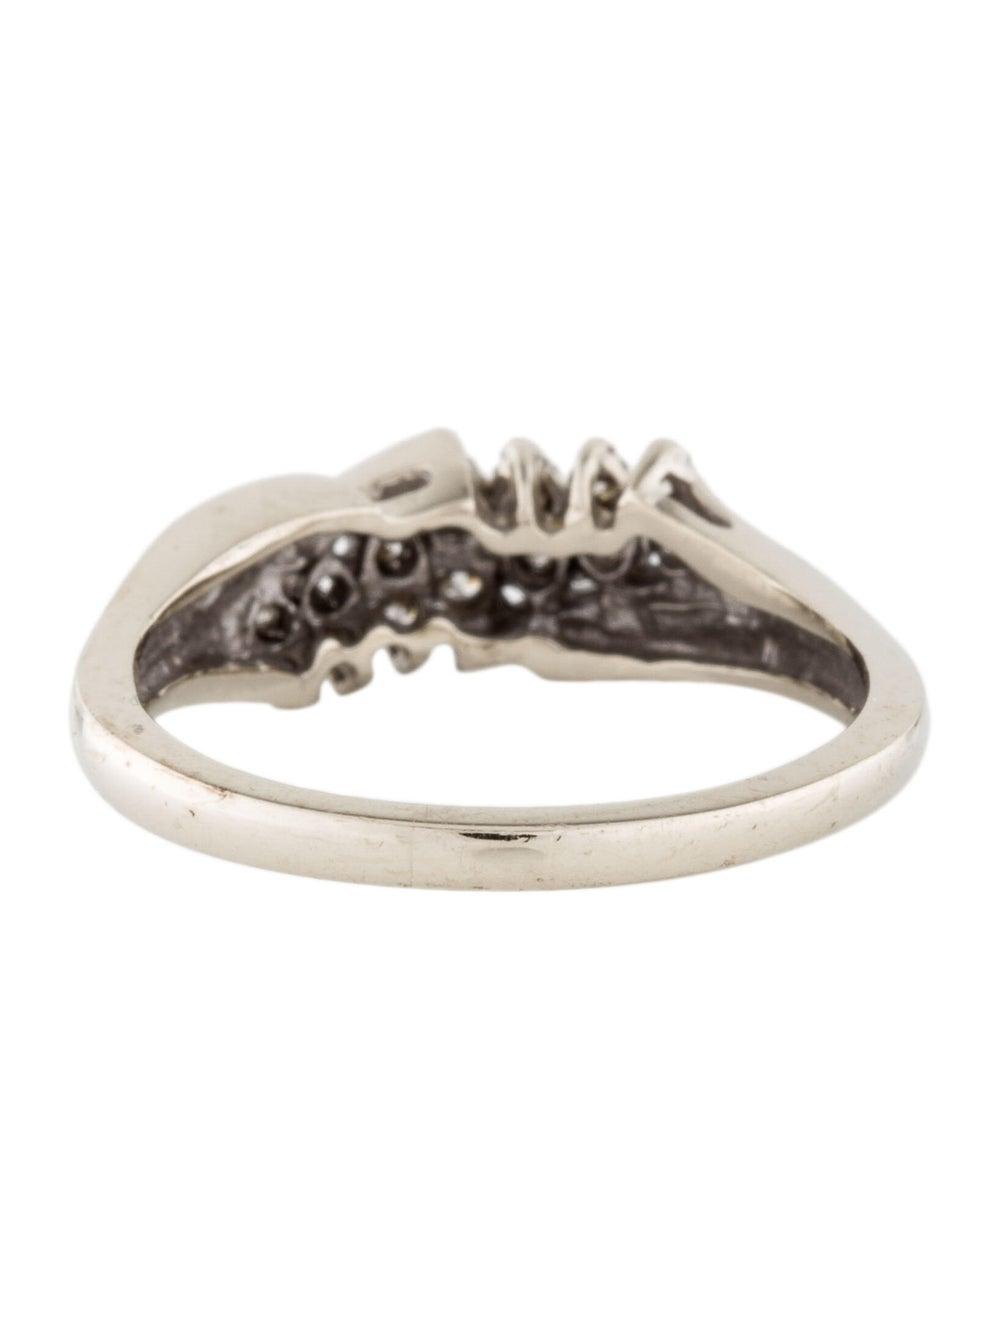 14K Diamond Cocktail Ring white - image 4